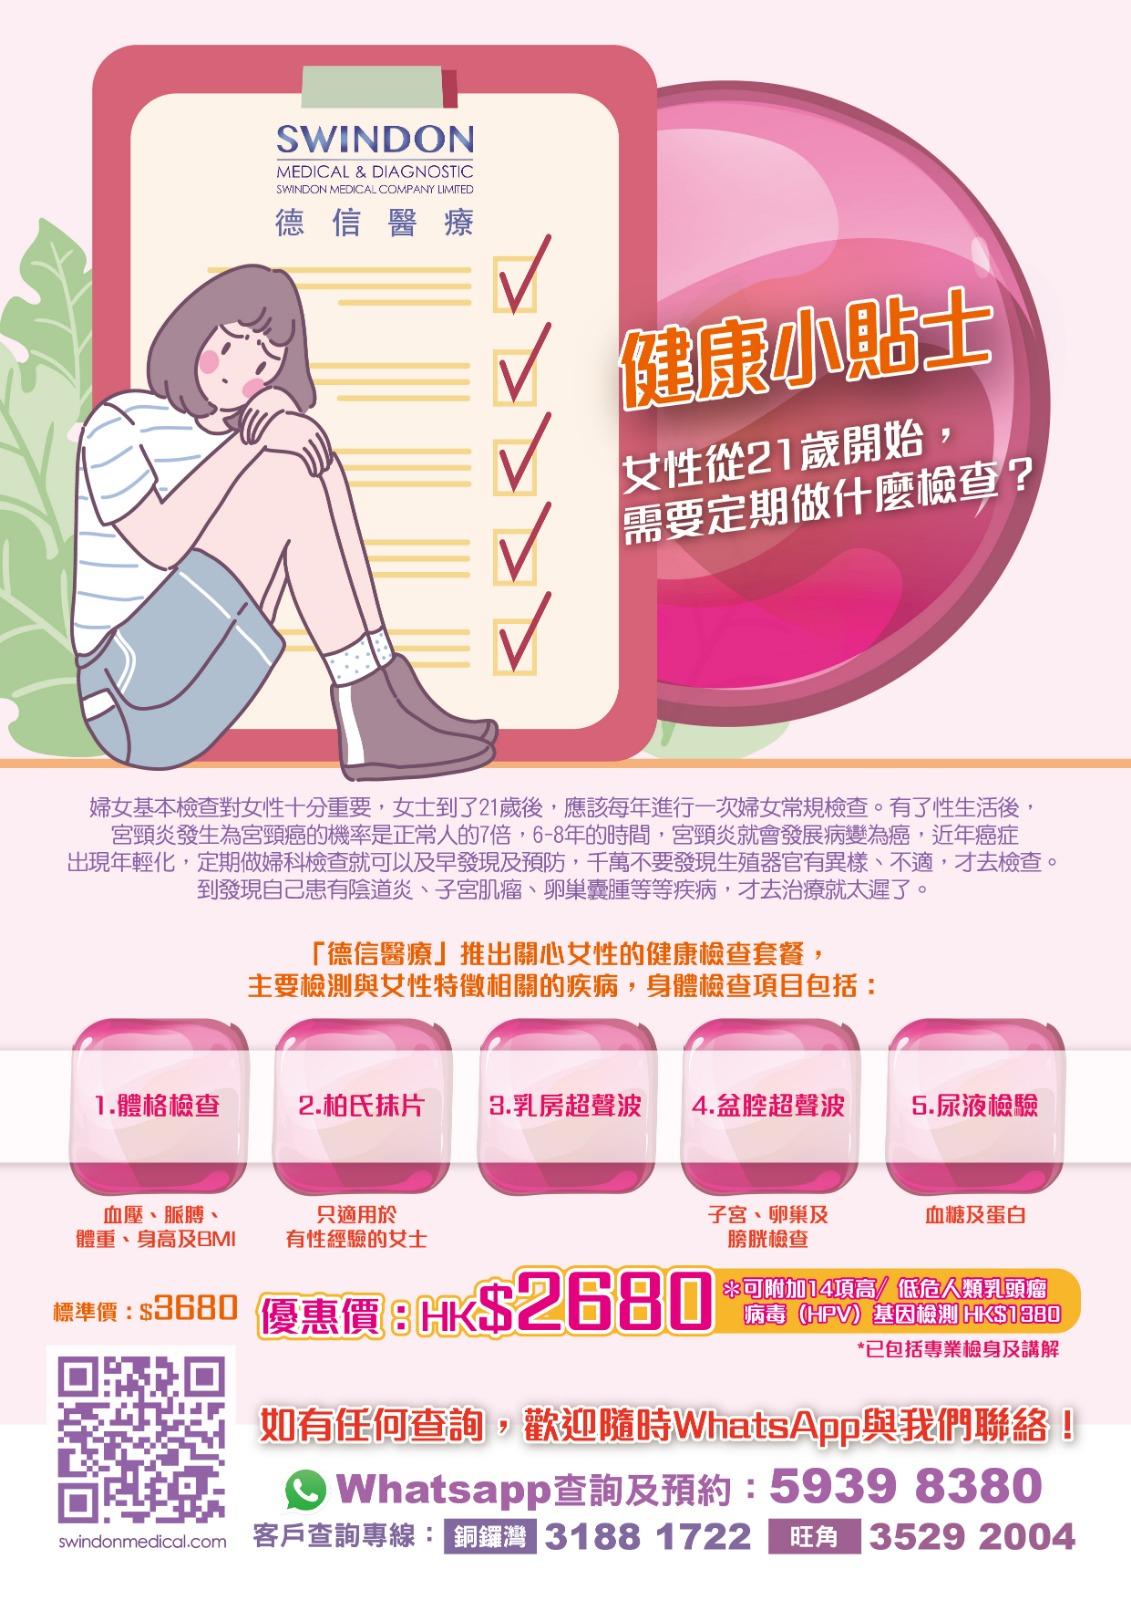 news_20210501_1.jpeg (377 KB)